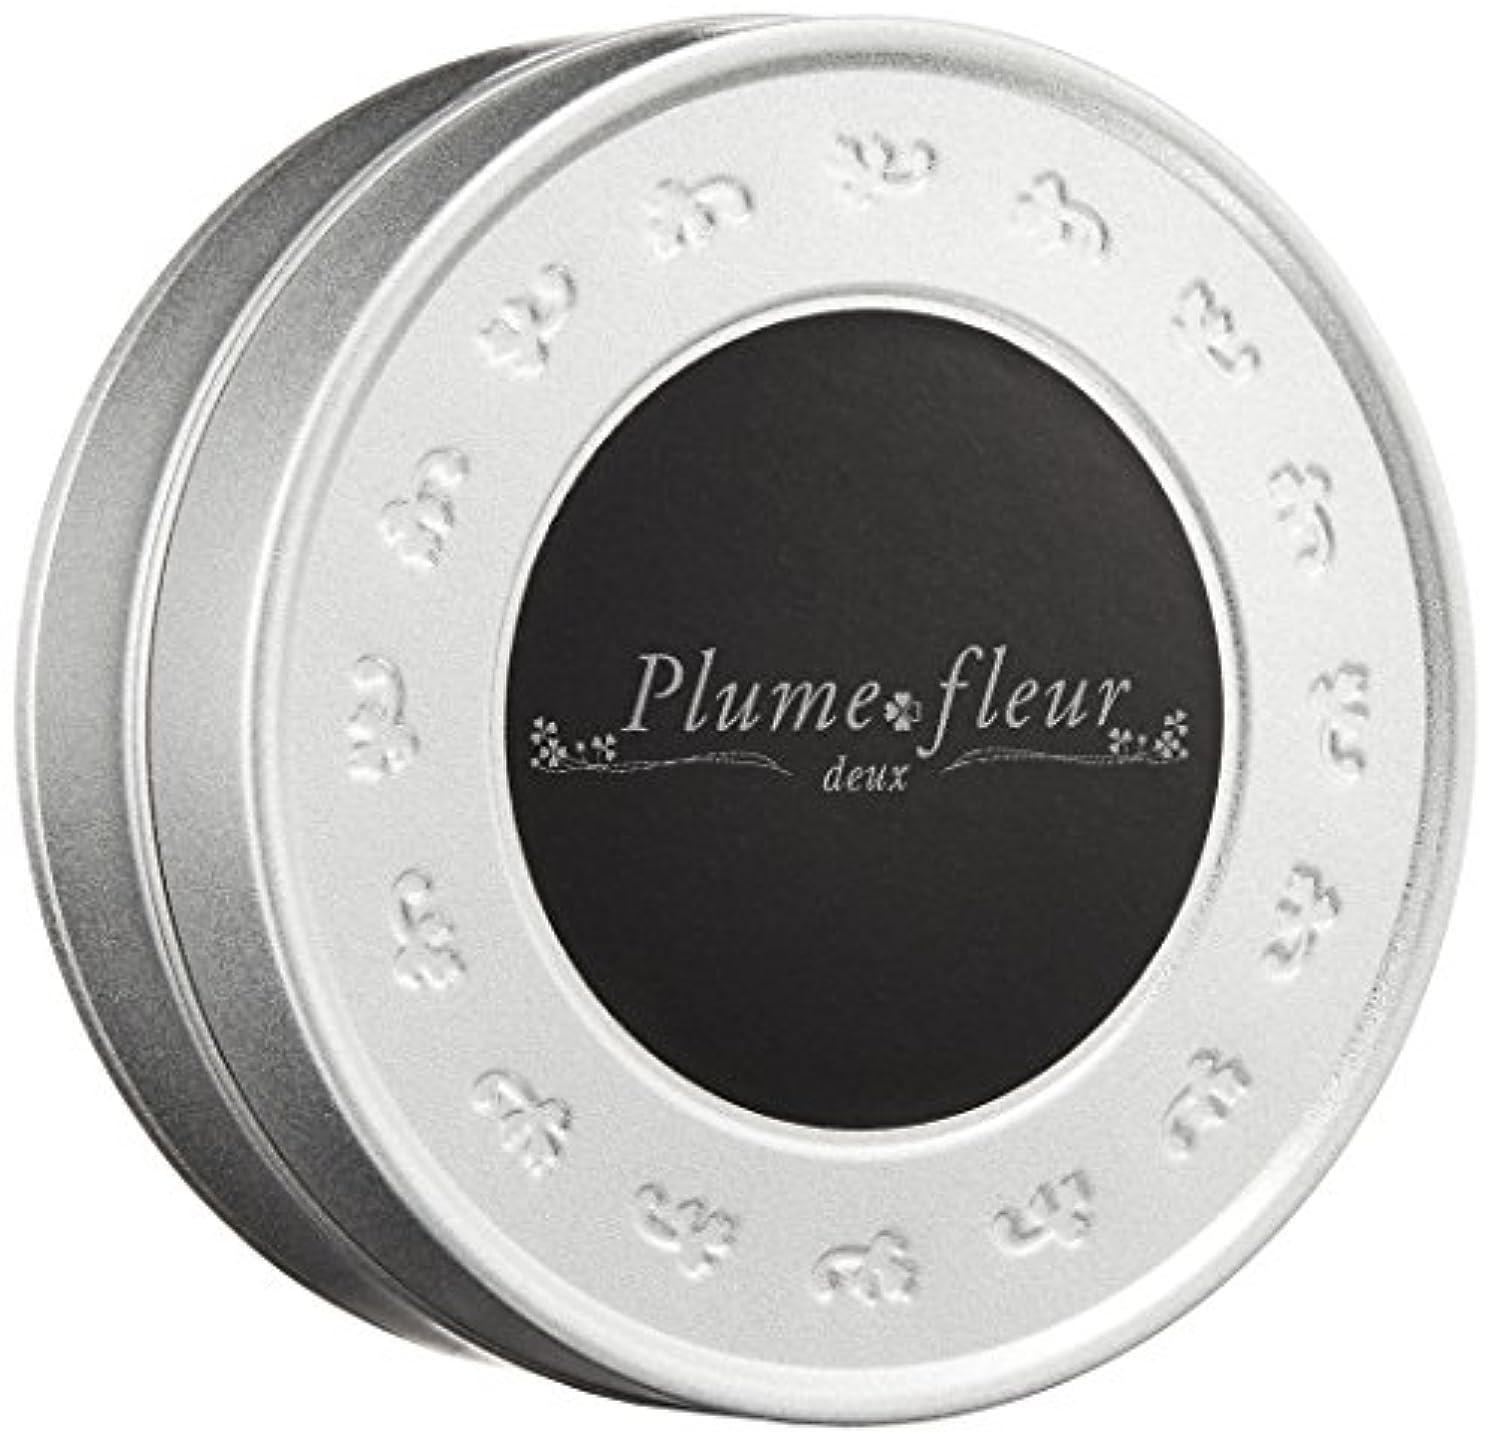 かまどバナナ港Plume fleur -deux-(プルームフルール?WH)